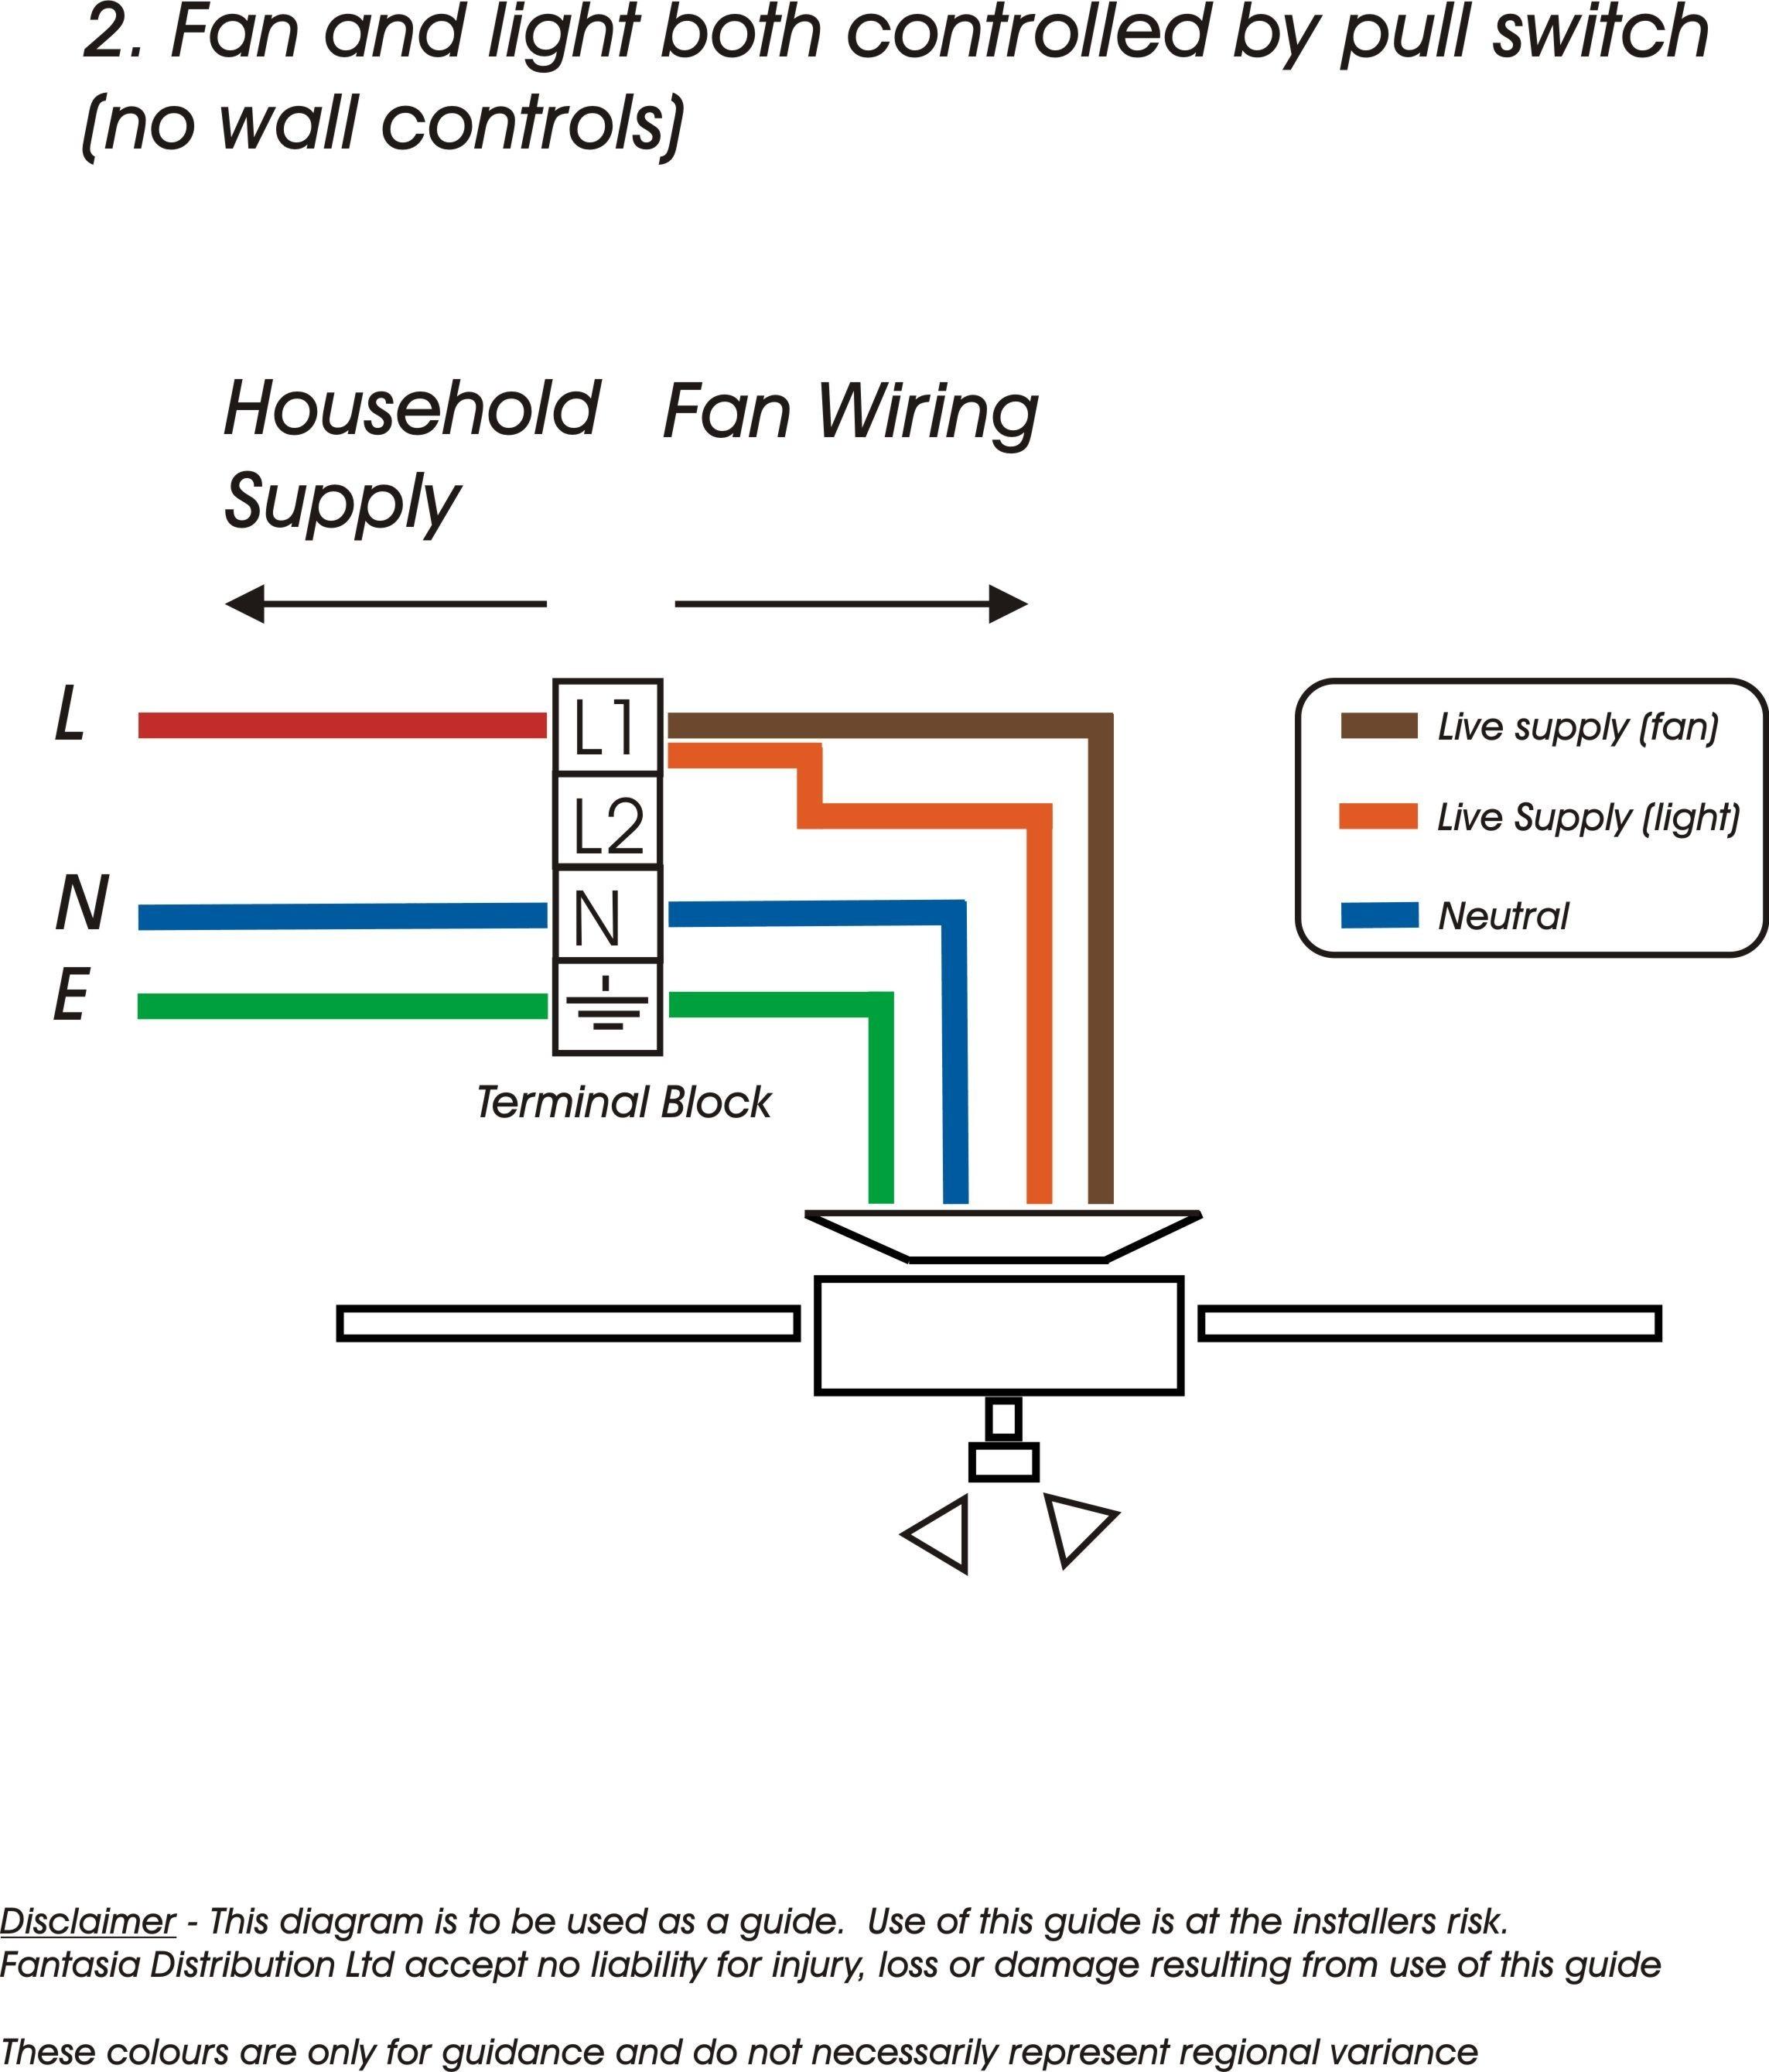 Wiring Diagram For Canarm Exhaust Fan Fresh Canarm Exhaust Fan Wiring Diagram • Exhaust Fans Ideas